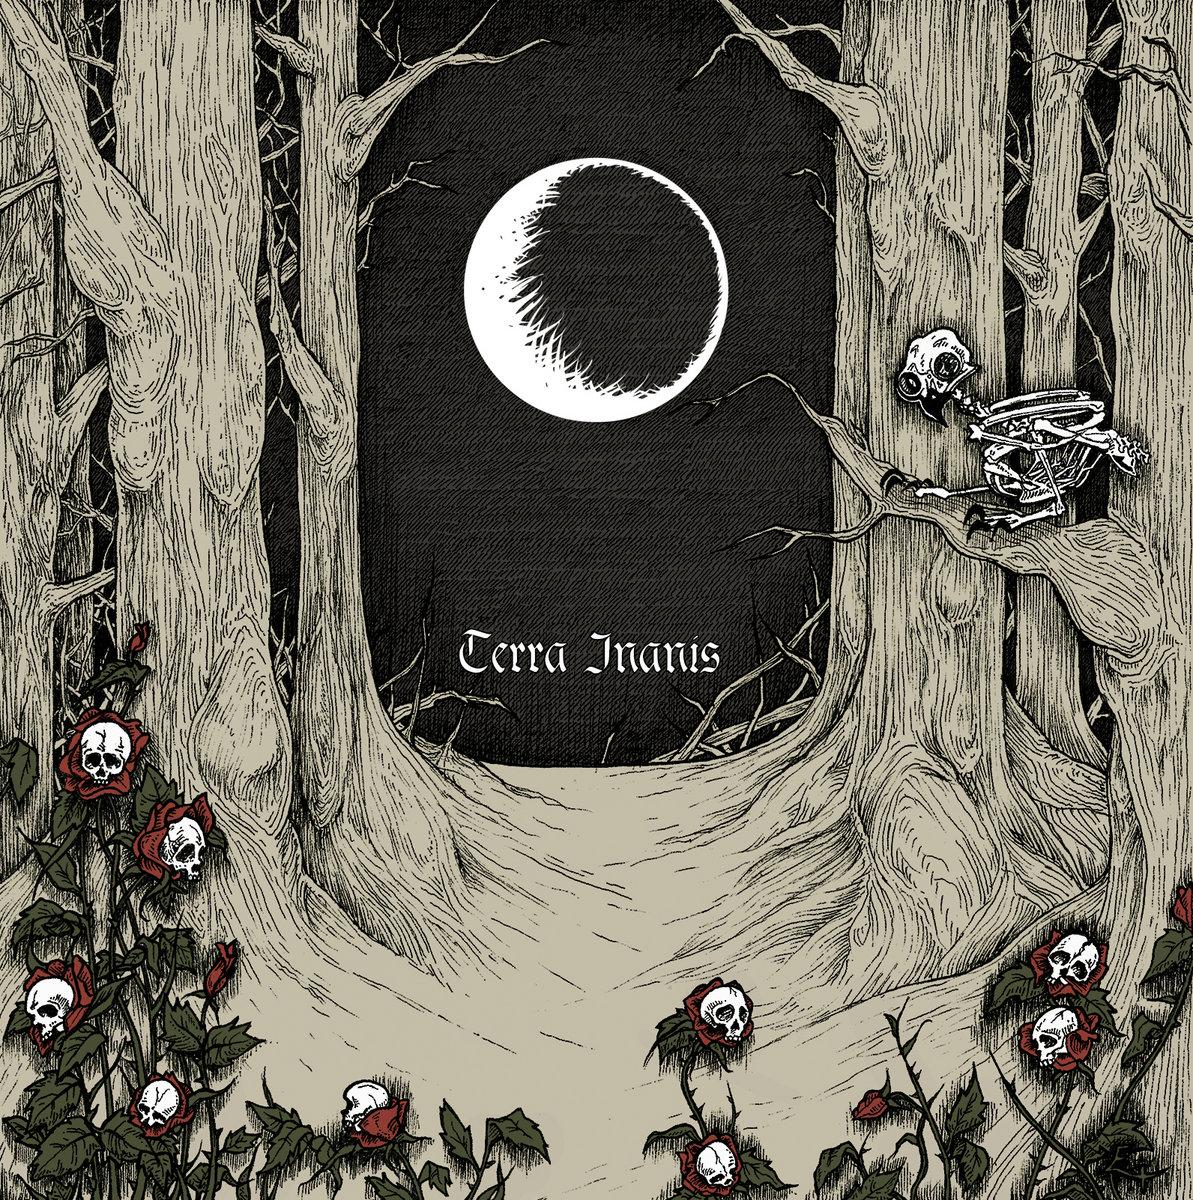 Terra Inanis (Atmospheric Black Metal) | Somnium Nox